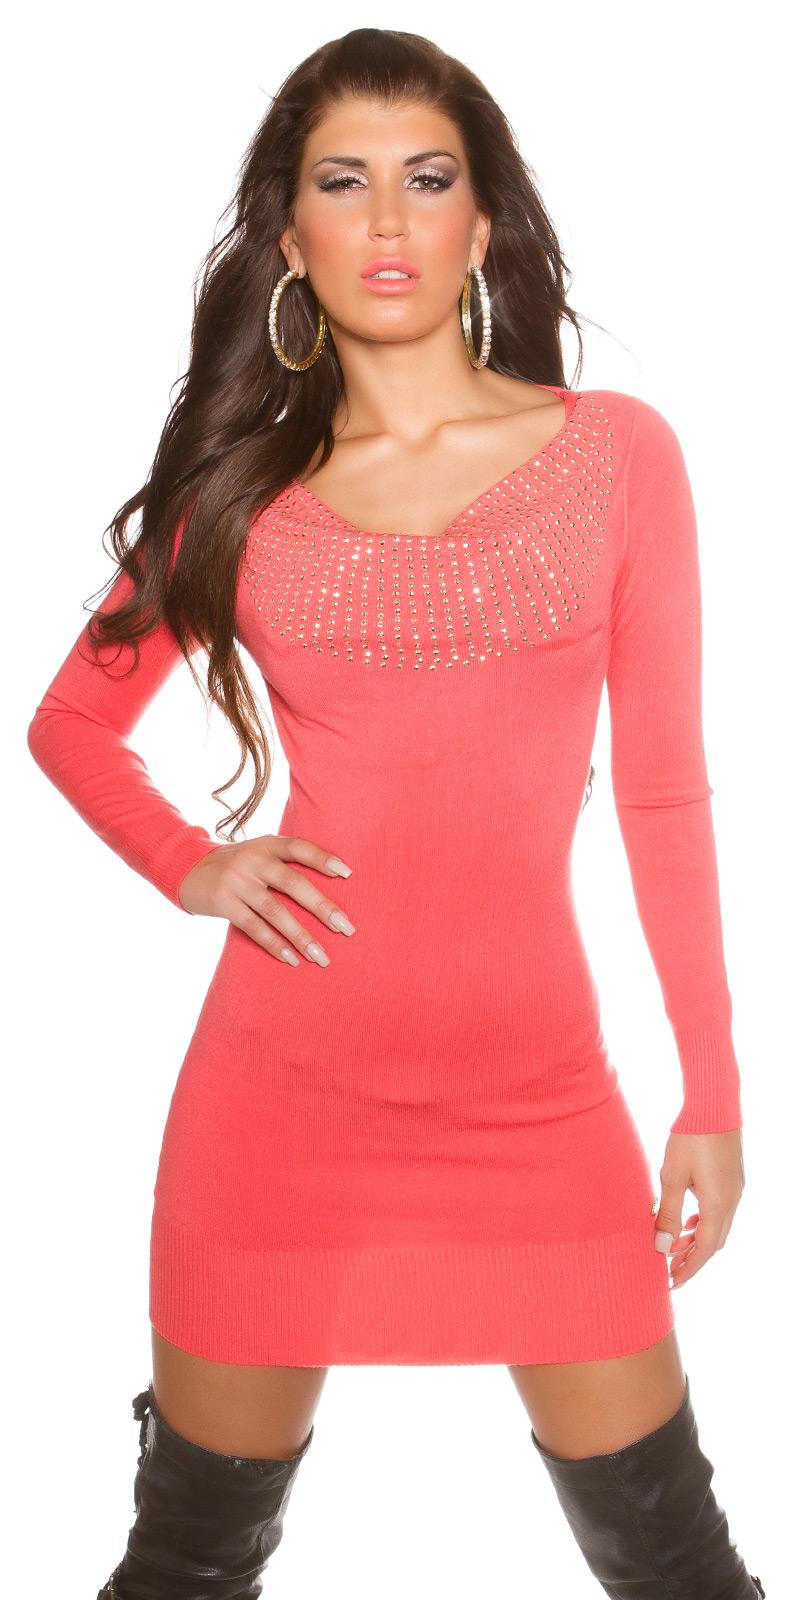 Dámský luxusní dlouhý svetr mini šaty s kamínky Koucla coral 8bbf55aac5